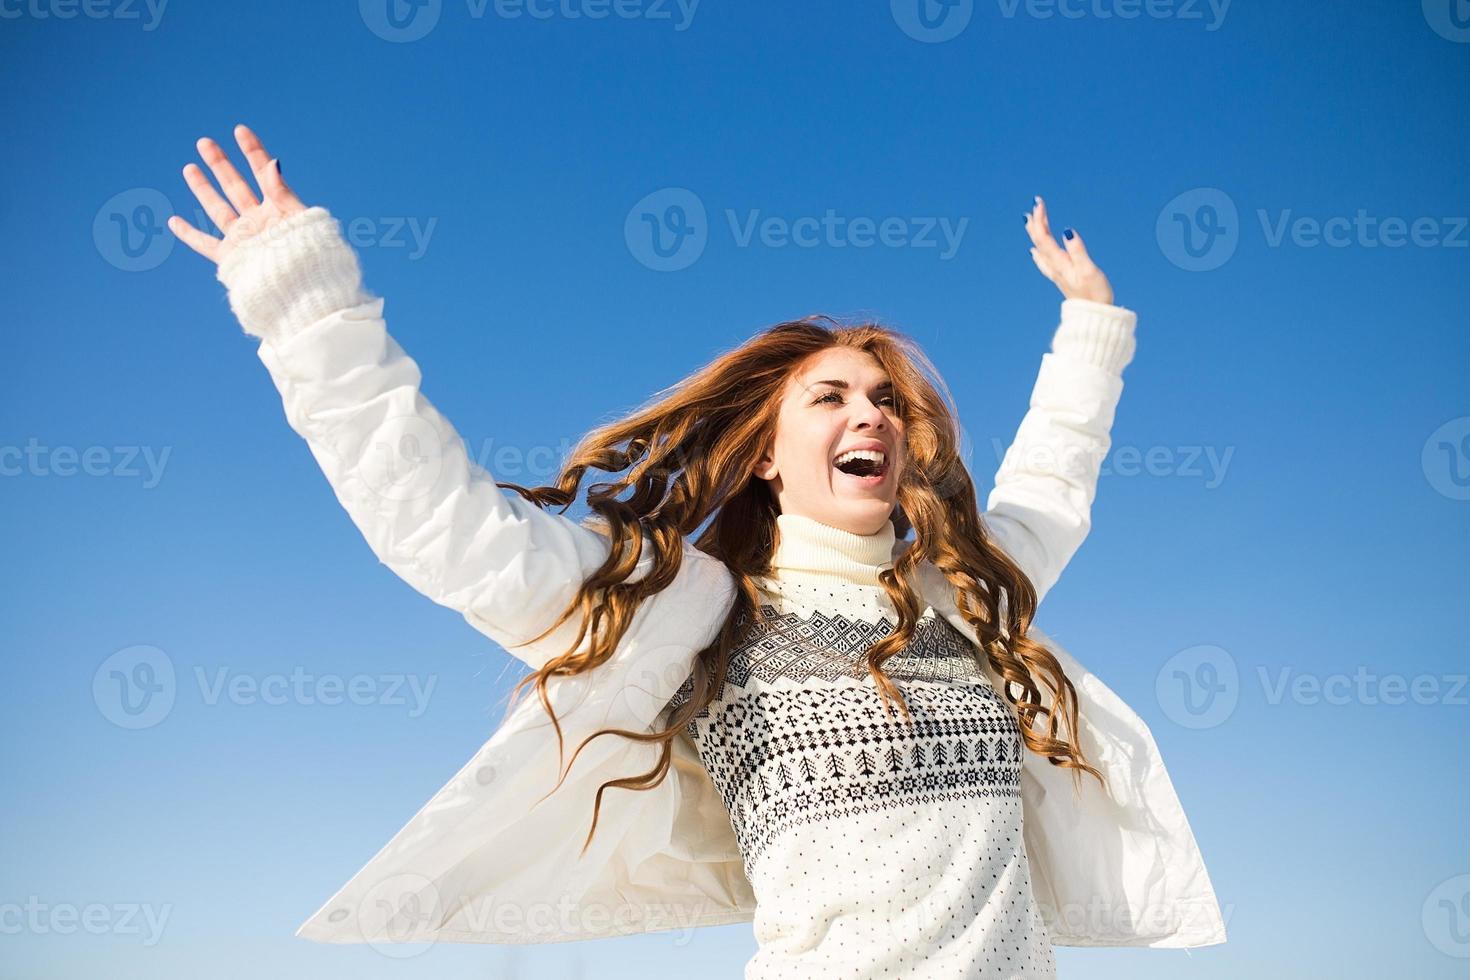 glad ung kvinna ha kul och njut av nysnö foto